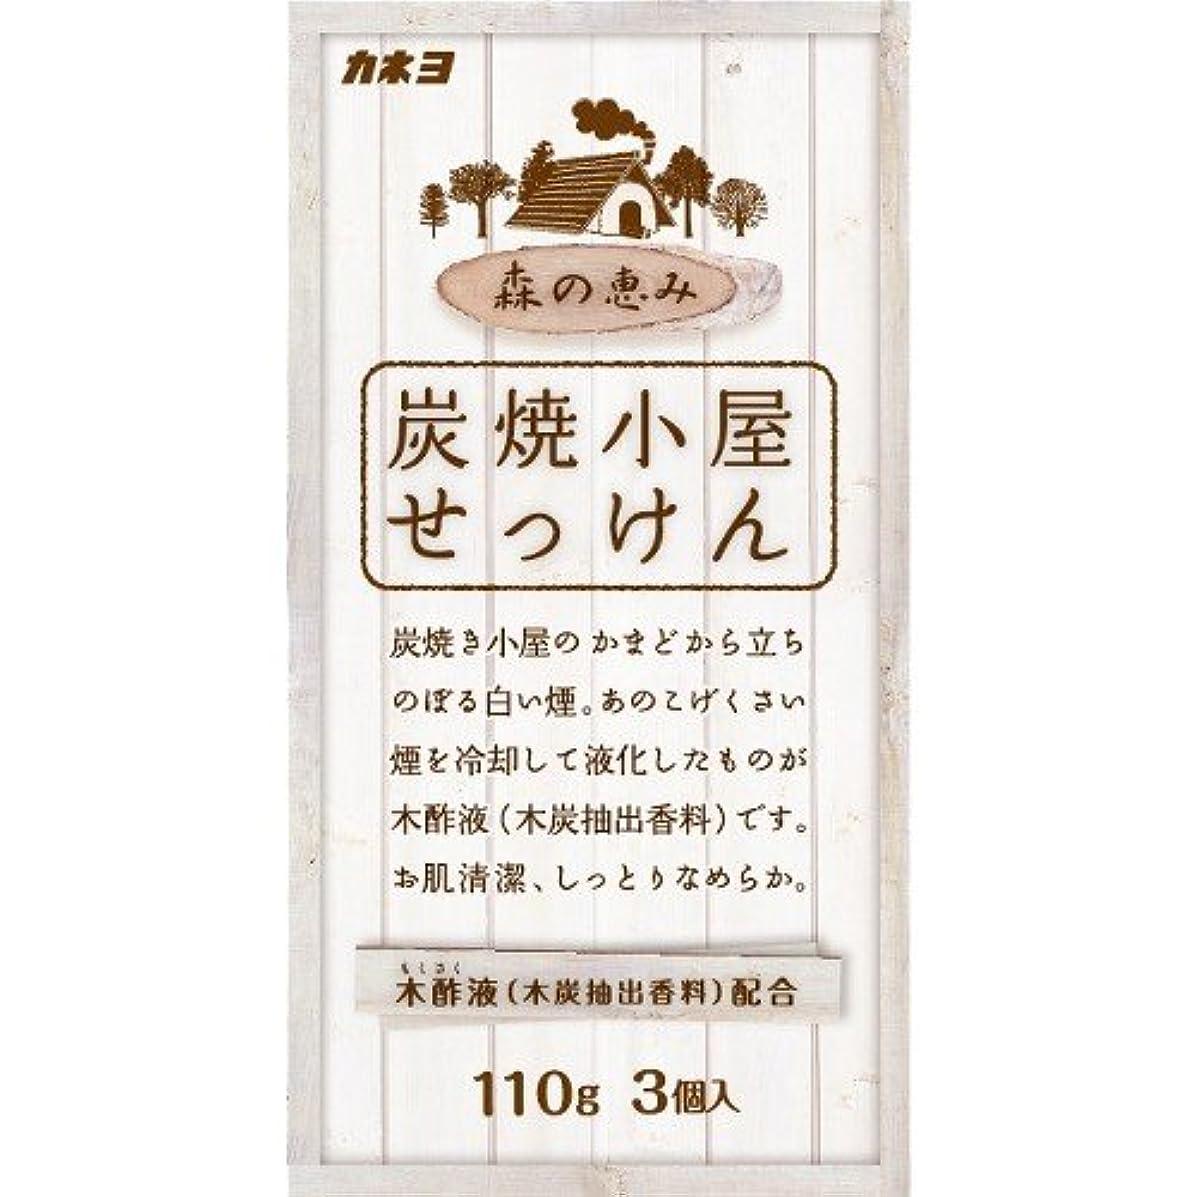 アノイ突然の薬を飲むカネヨ石鹸 炭焼小屋 化粧石けん 110g×3個入